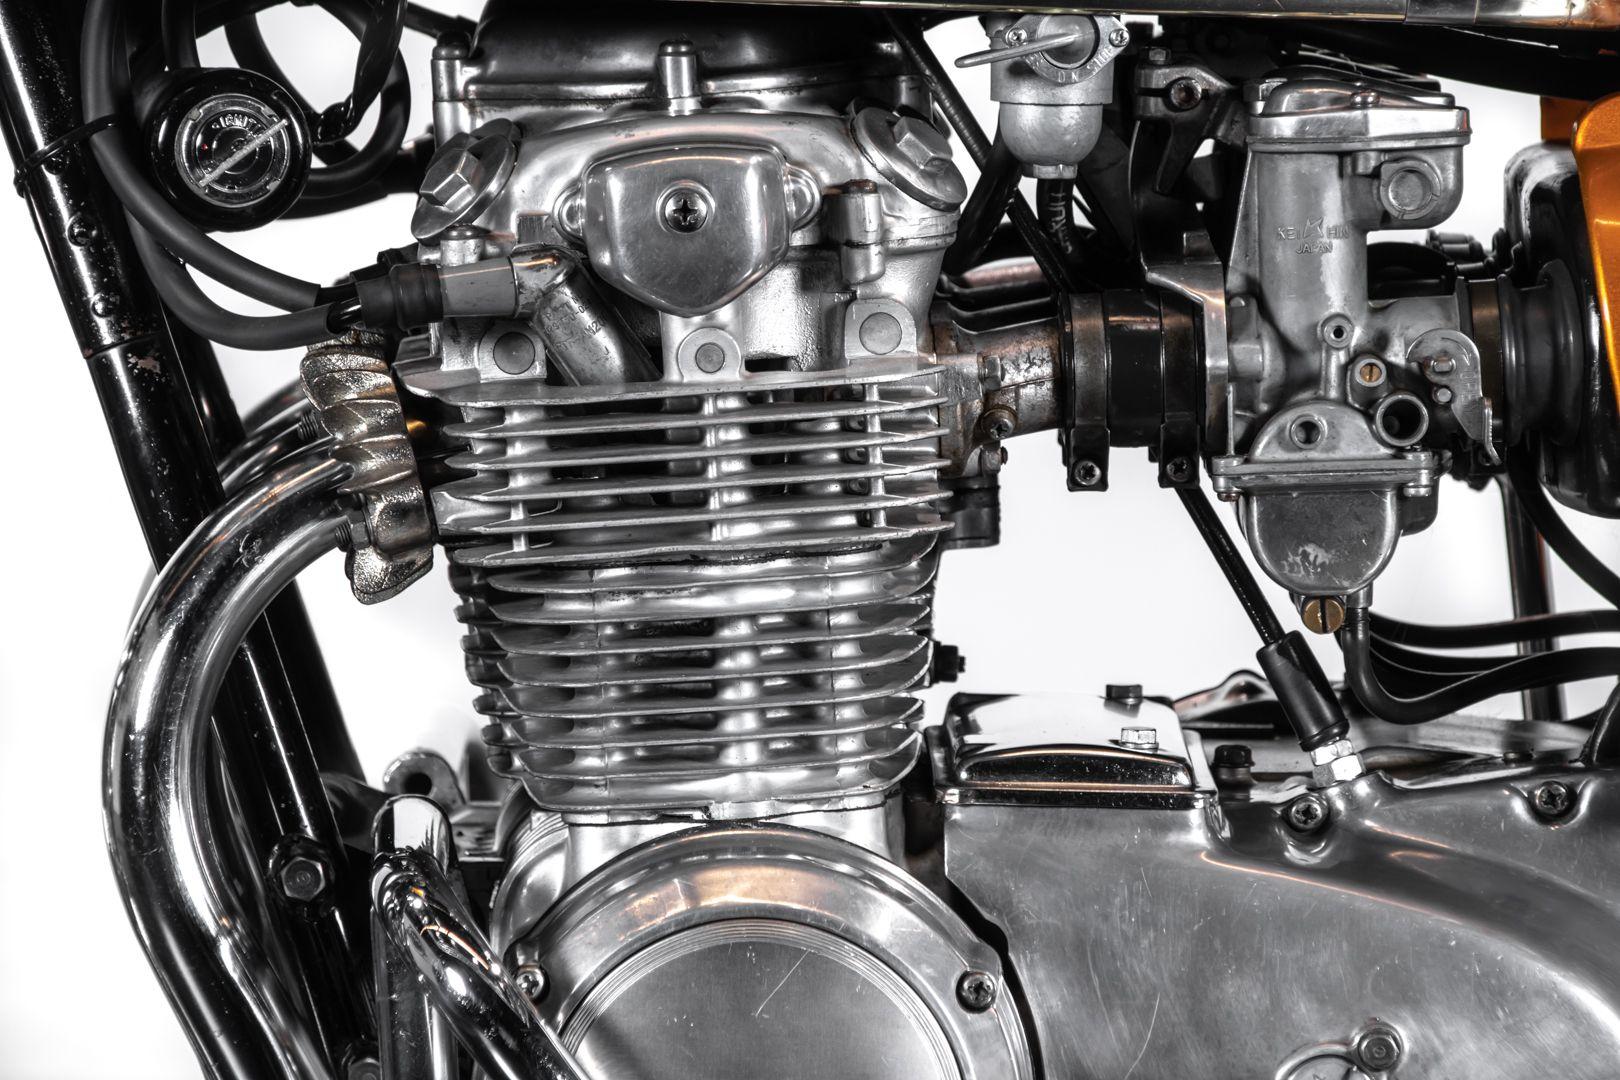 1972 Honda CB 500 Four 77621